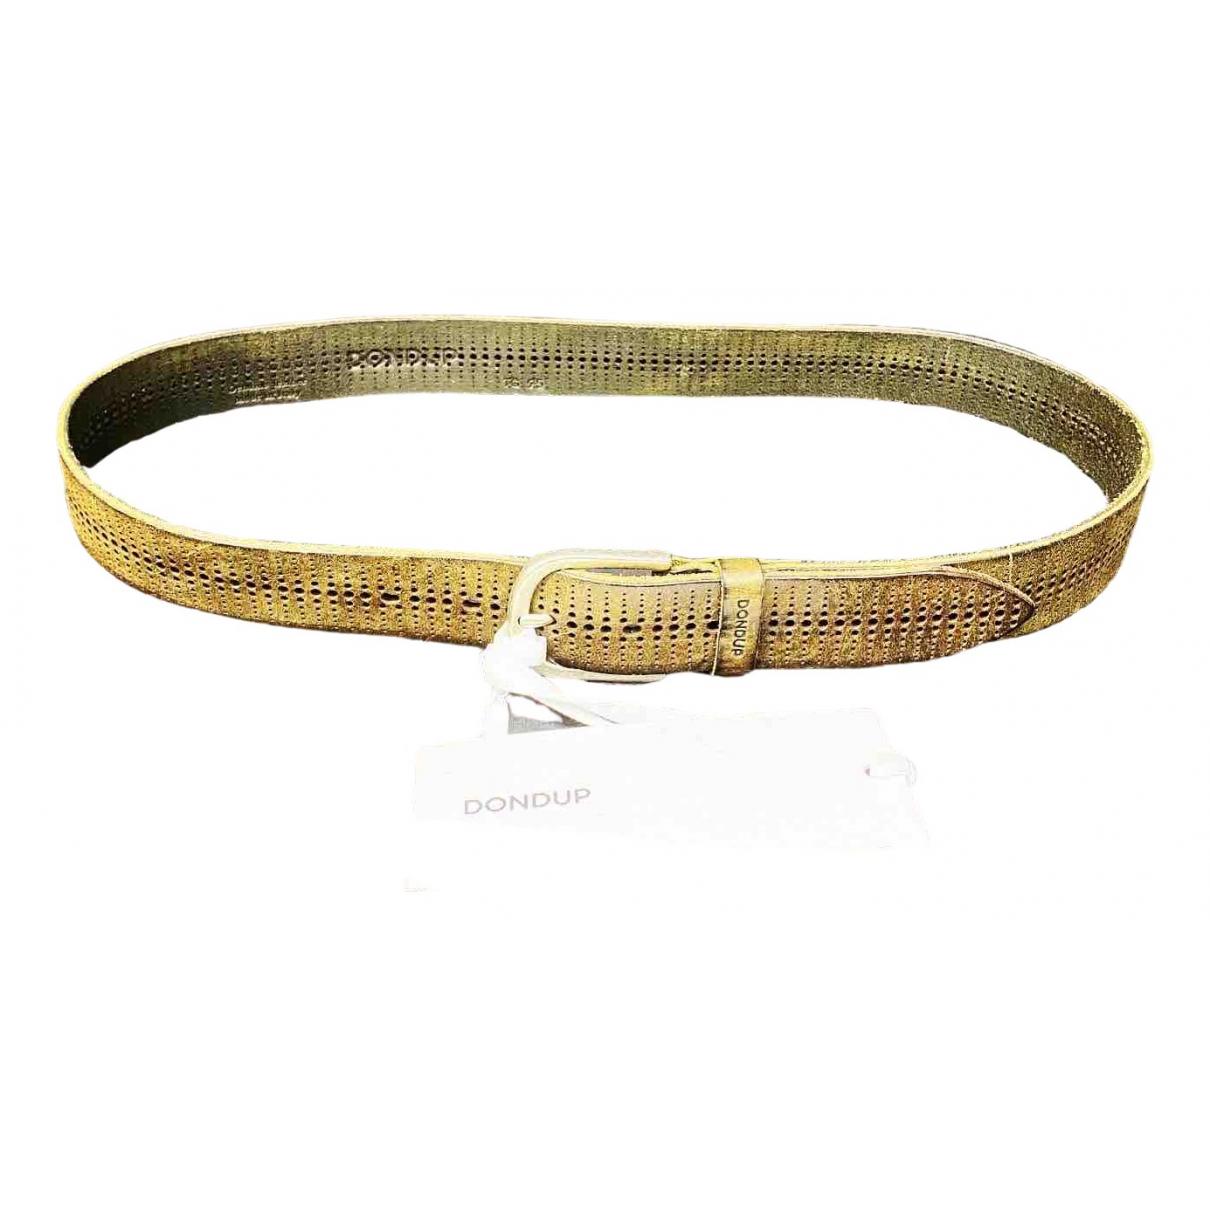 Dondup \N Leather belt for Men 95 cm